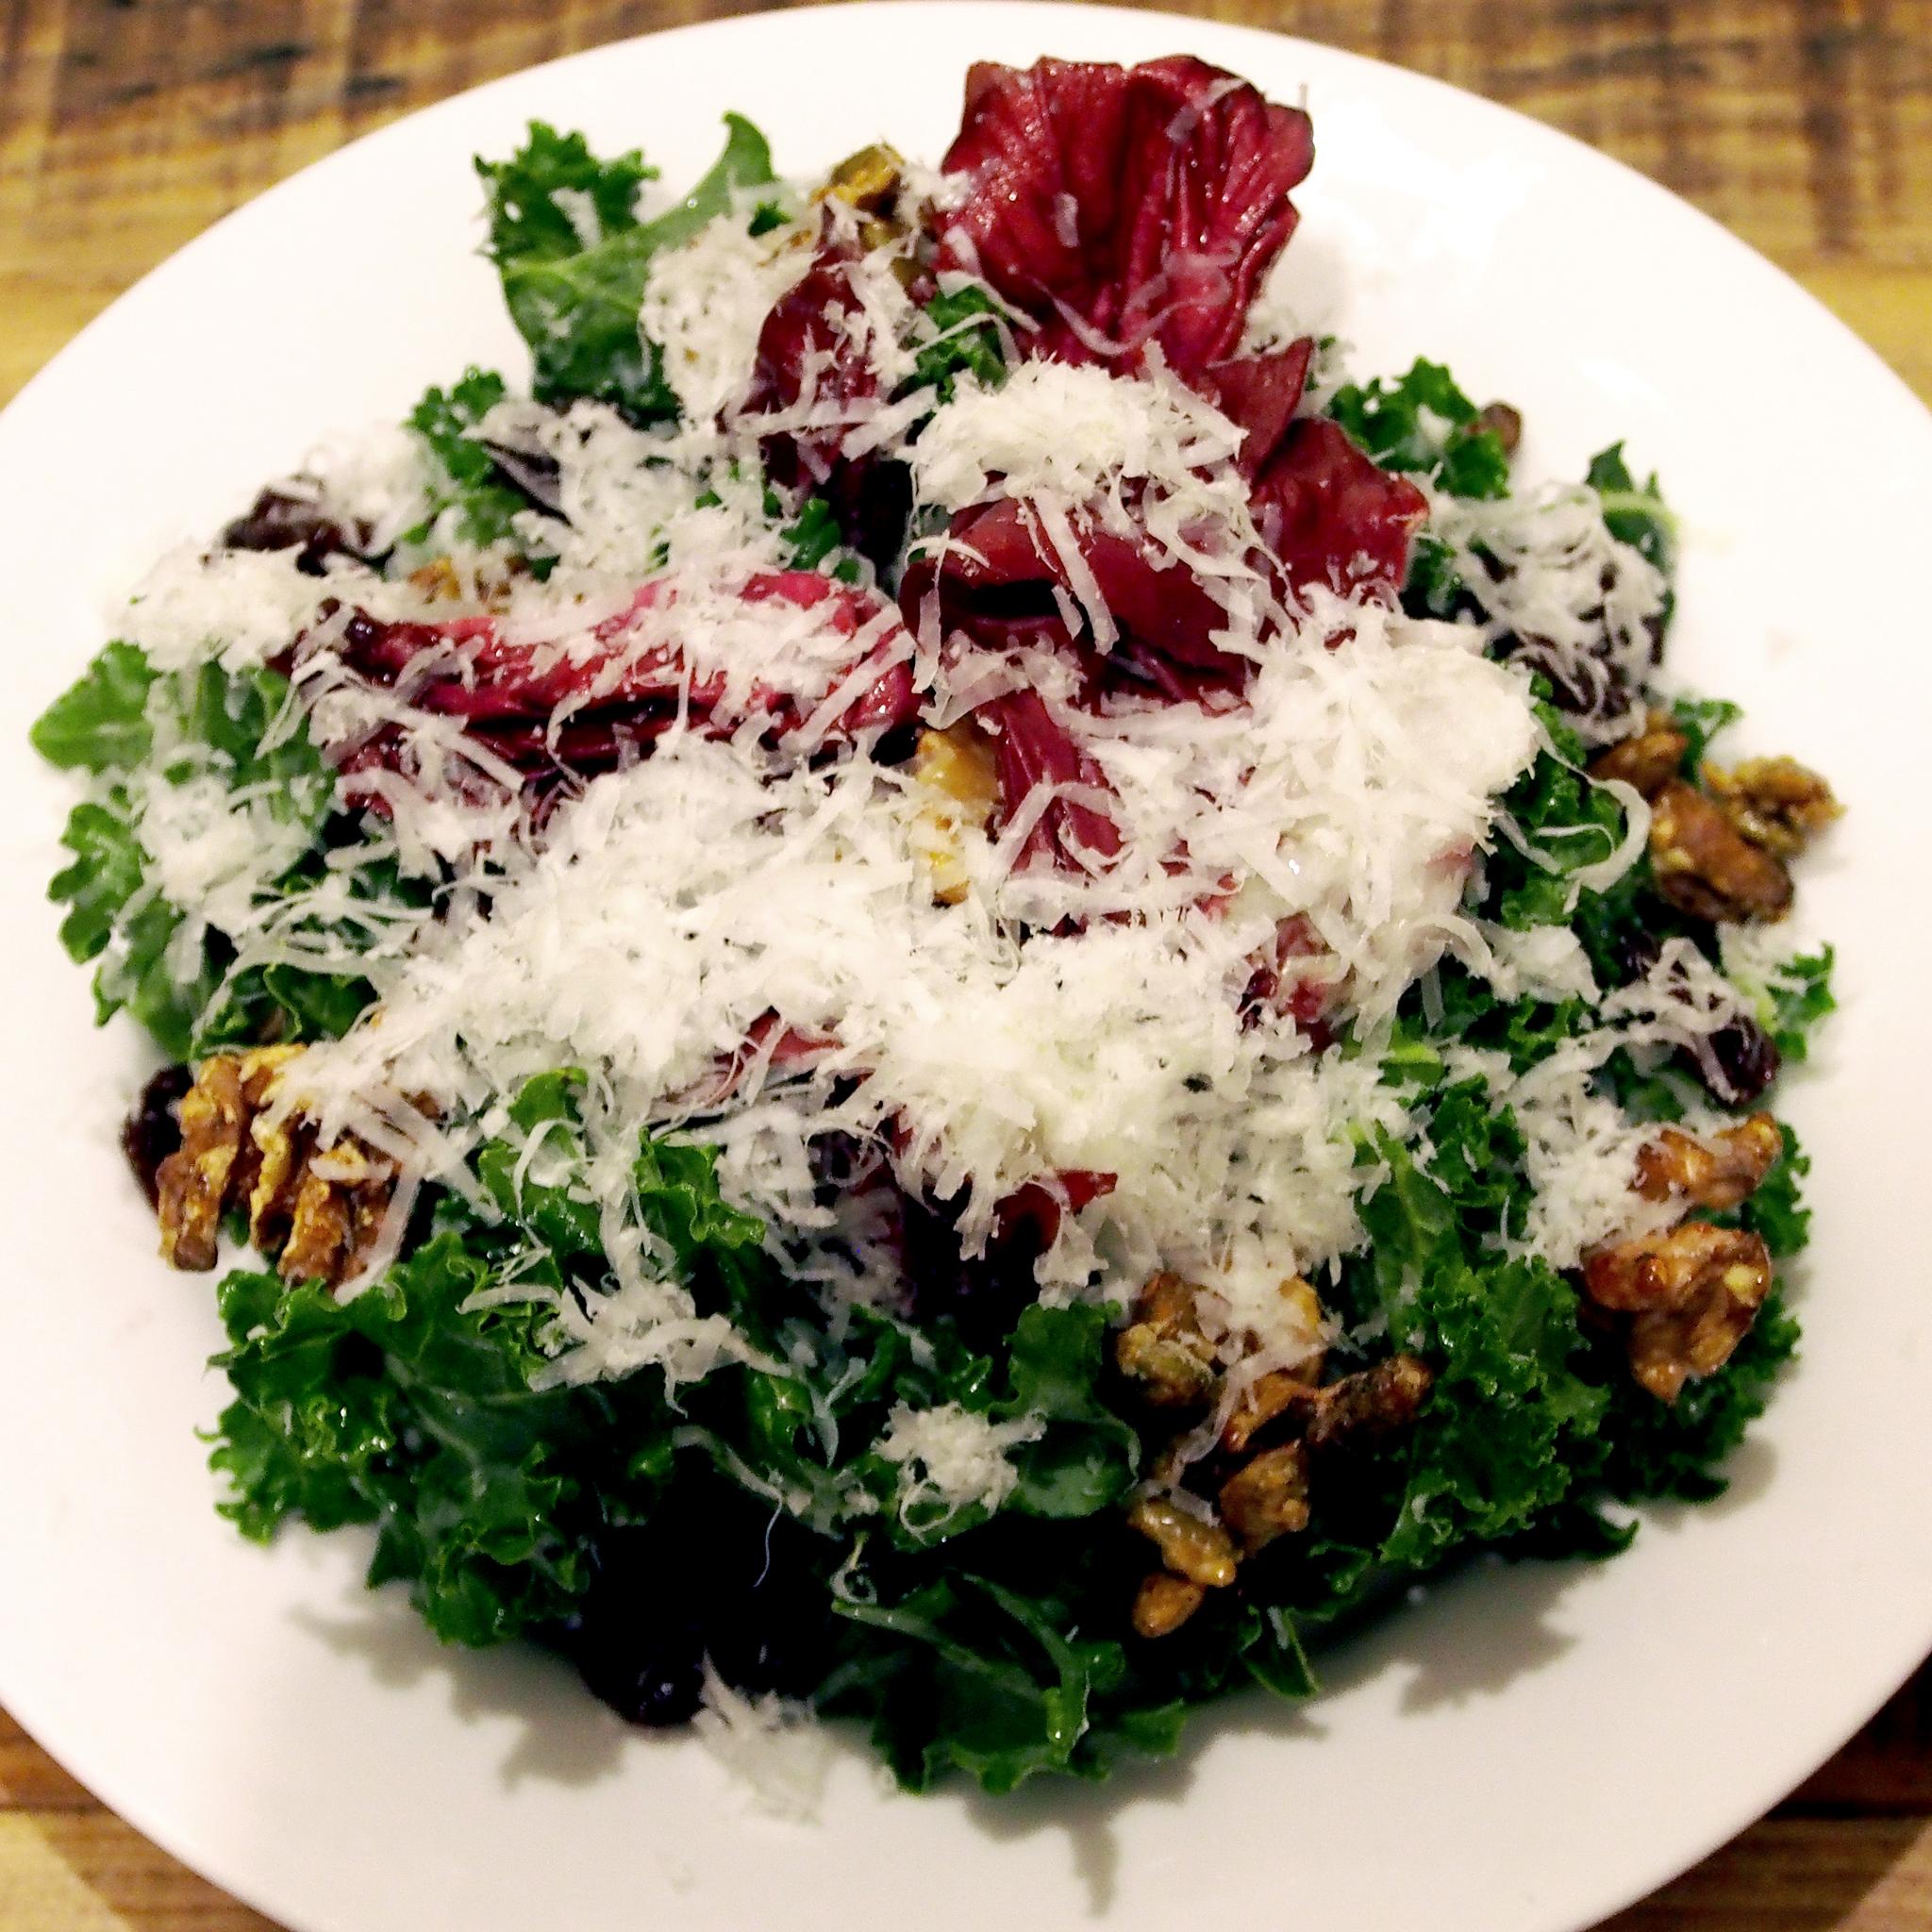 Cherry, kale & walnut salad with radicchio, Pecorino cheese and pumpkin seeds. Yum!